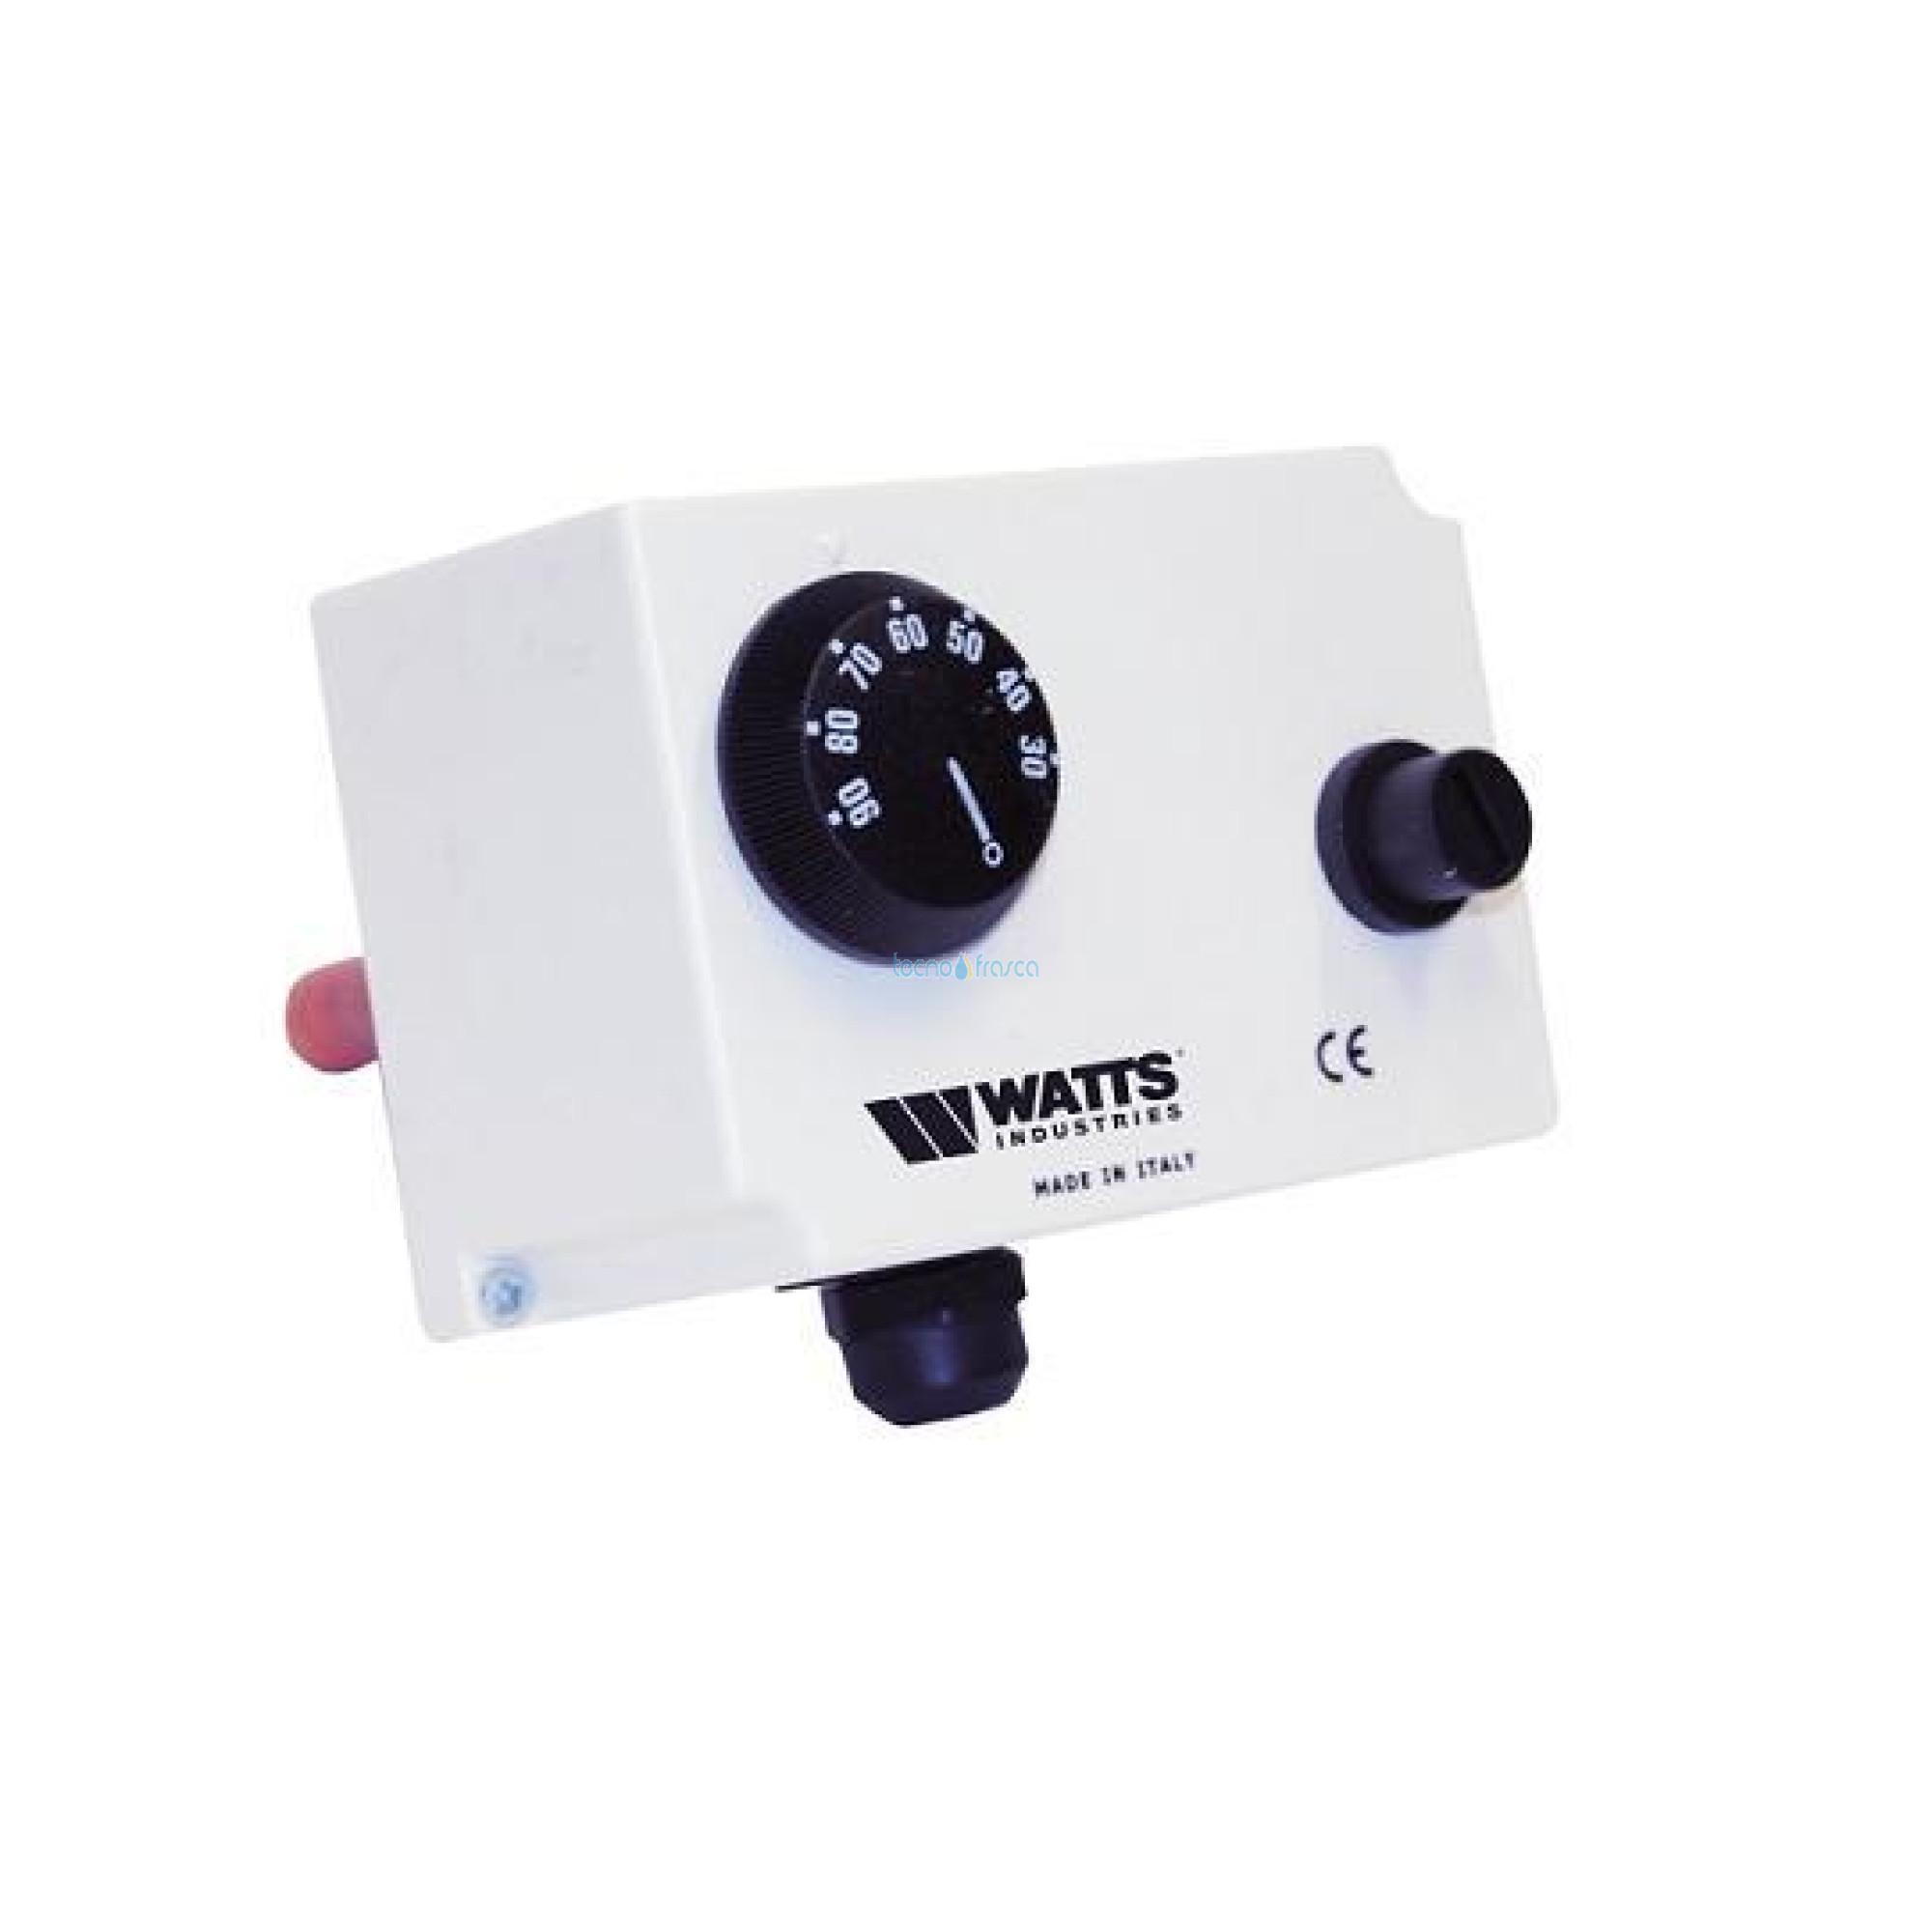 Watts bitermostato ad immersione regolazione/blocco tre/tu 0405301tu